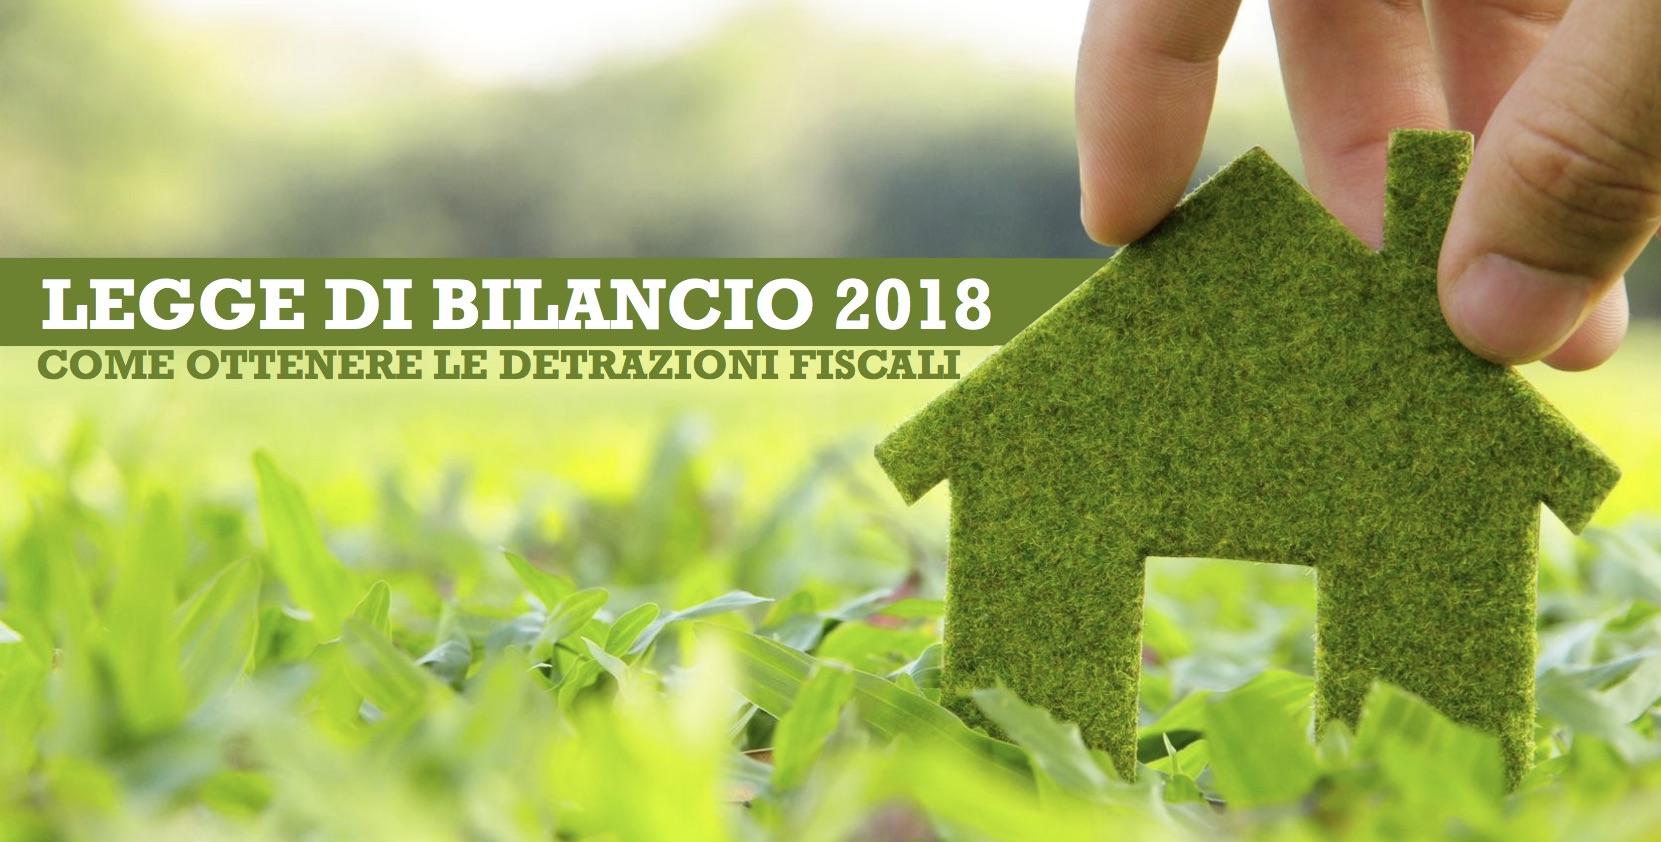 Legge-di-stabilità-2018 detrazioni fiscali bonus casa.jpg